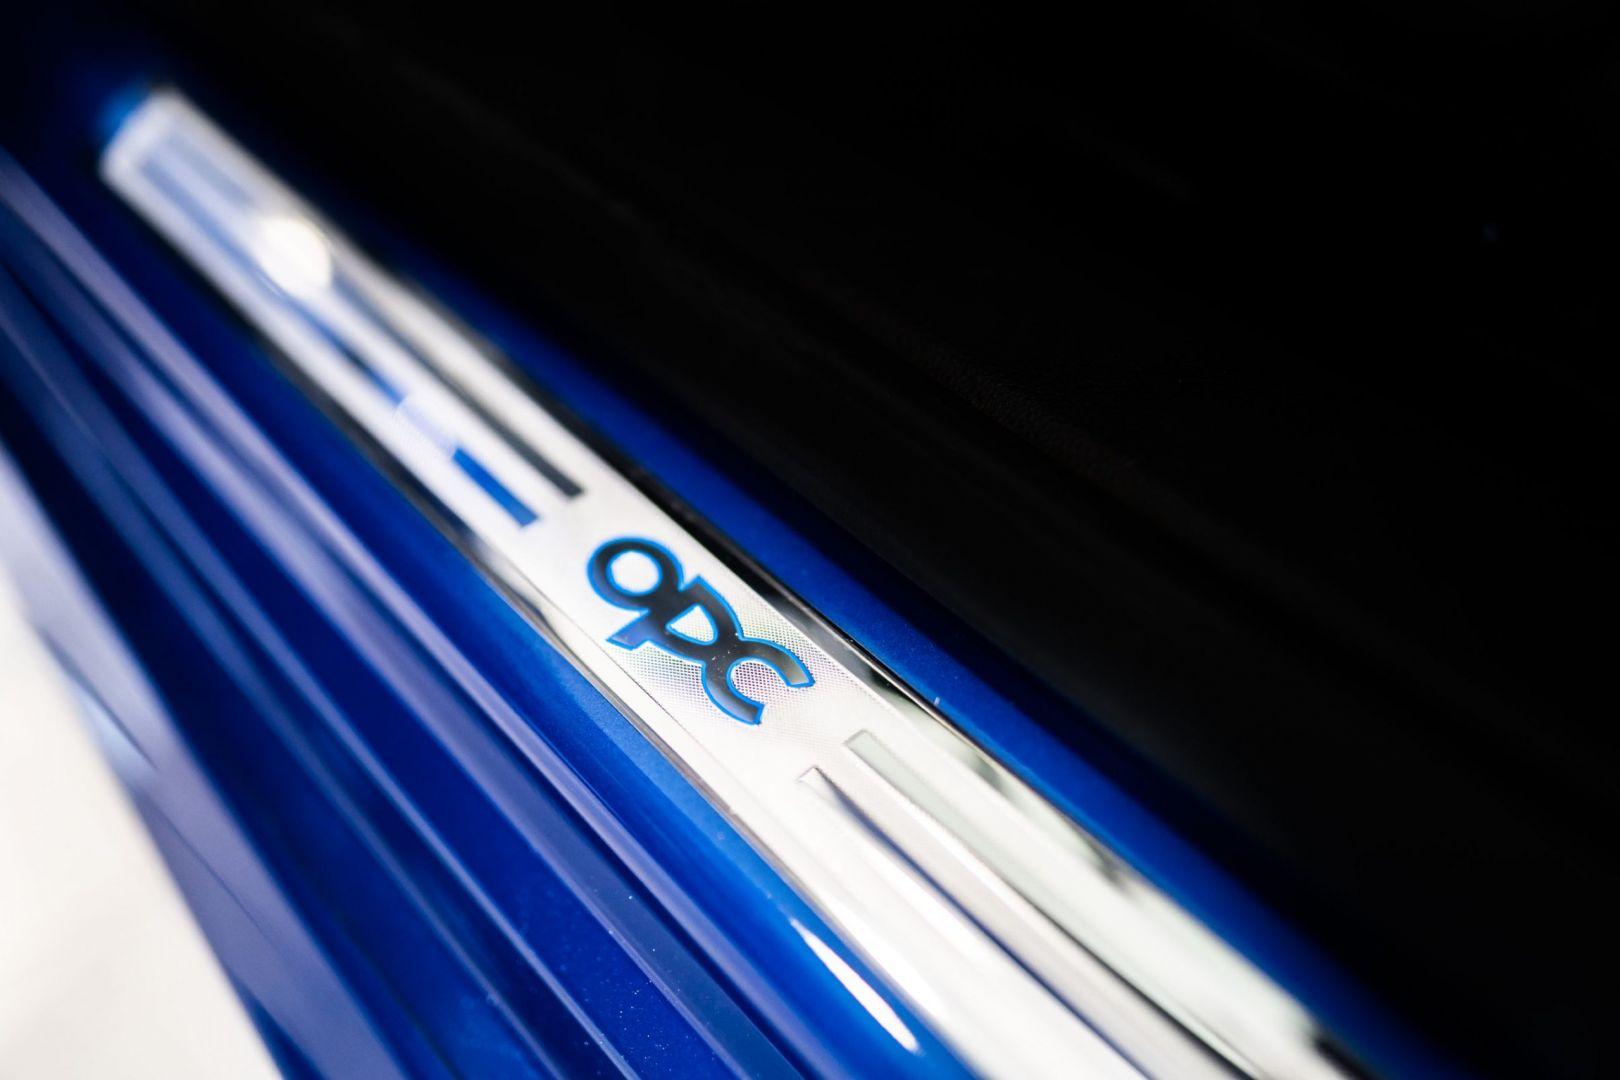 avtohisa-zalar-nova-rabljena-vozila-servis-prodaja-vzdrzevanje-zavarovanje-svetovanje (48)